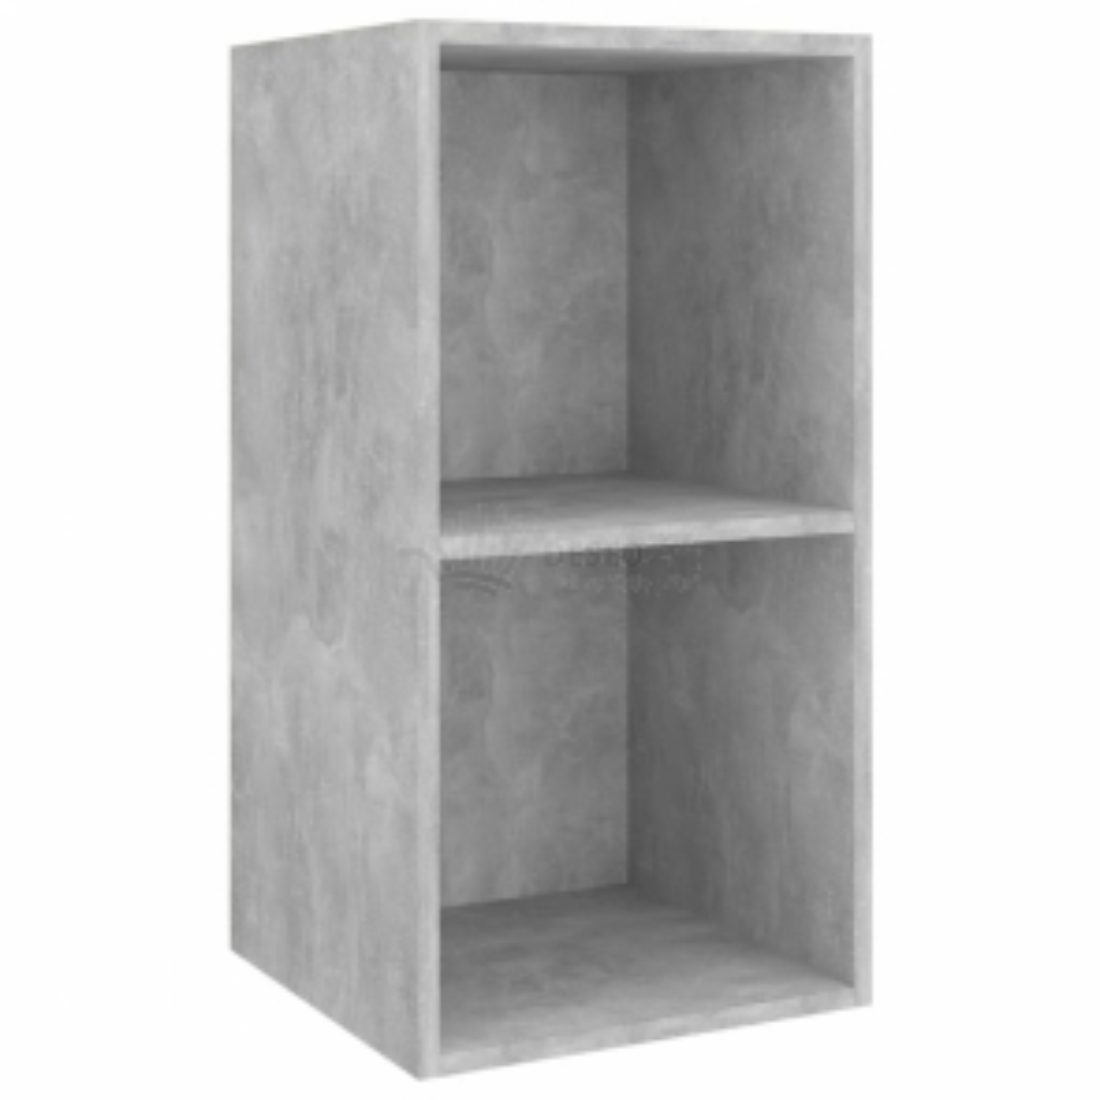 vidaXL Nástěnná TV skříňka betonově šedá 37 x 37 x 72 cm dřevotříska [805475]